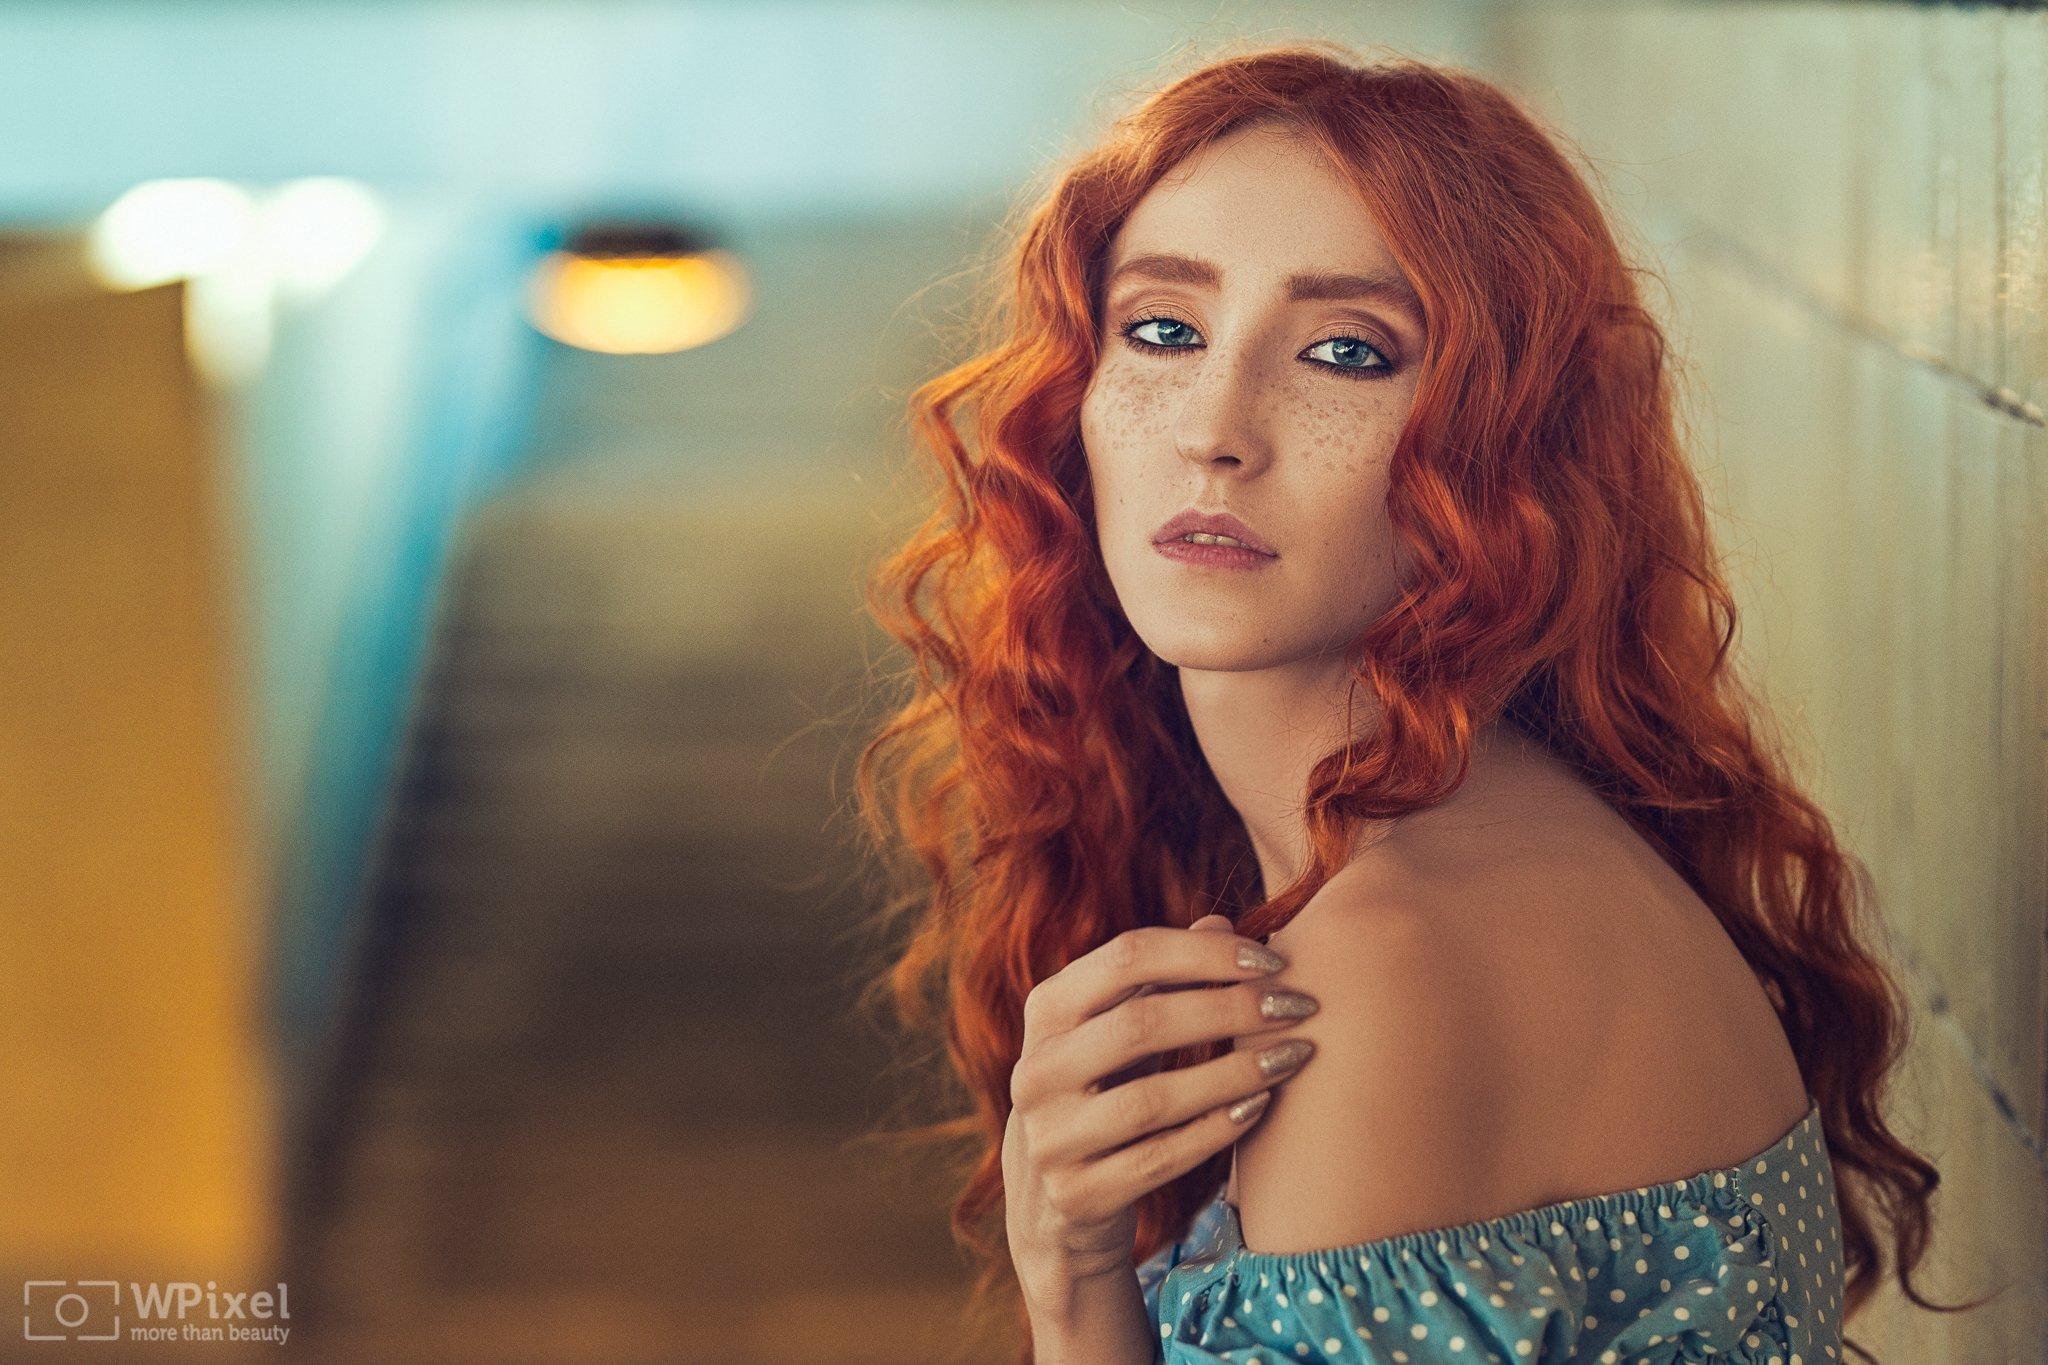 portrait women eyes redhair, Wojtek Polaczkiewicz